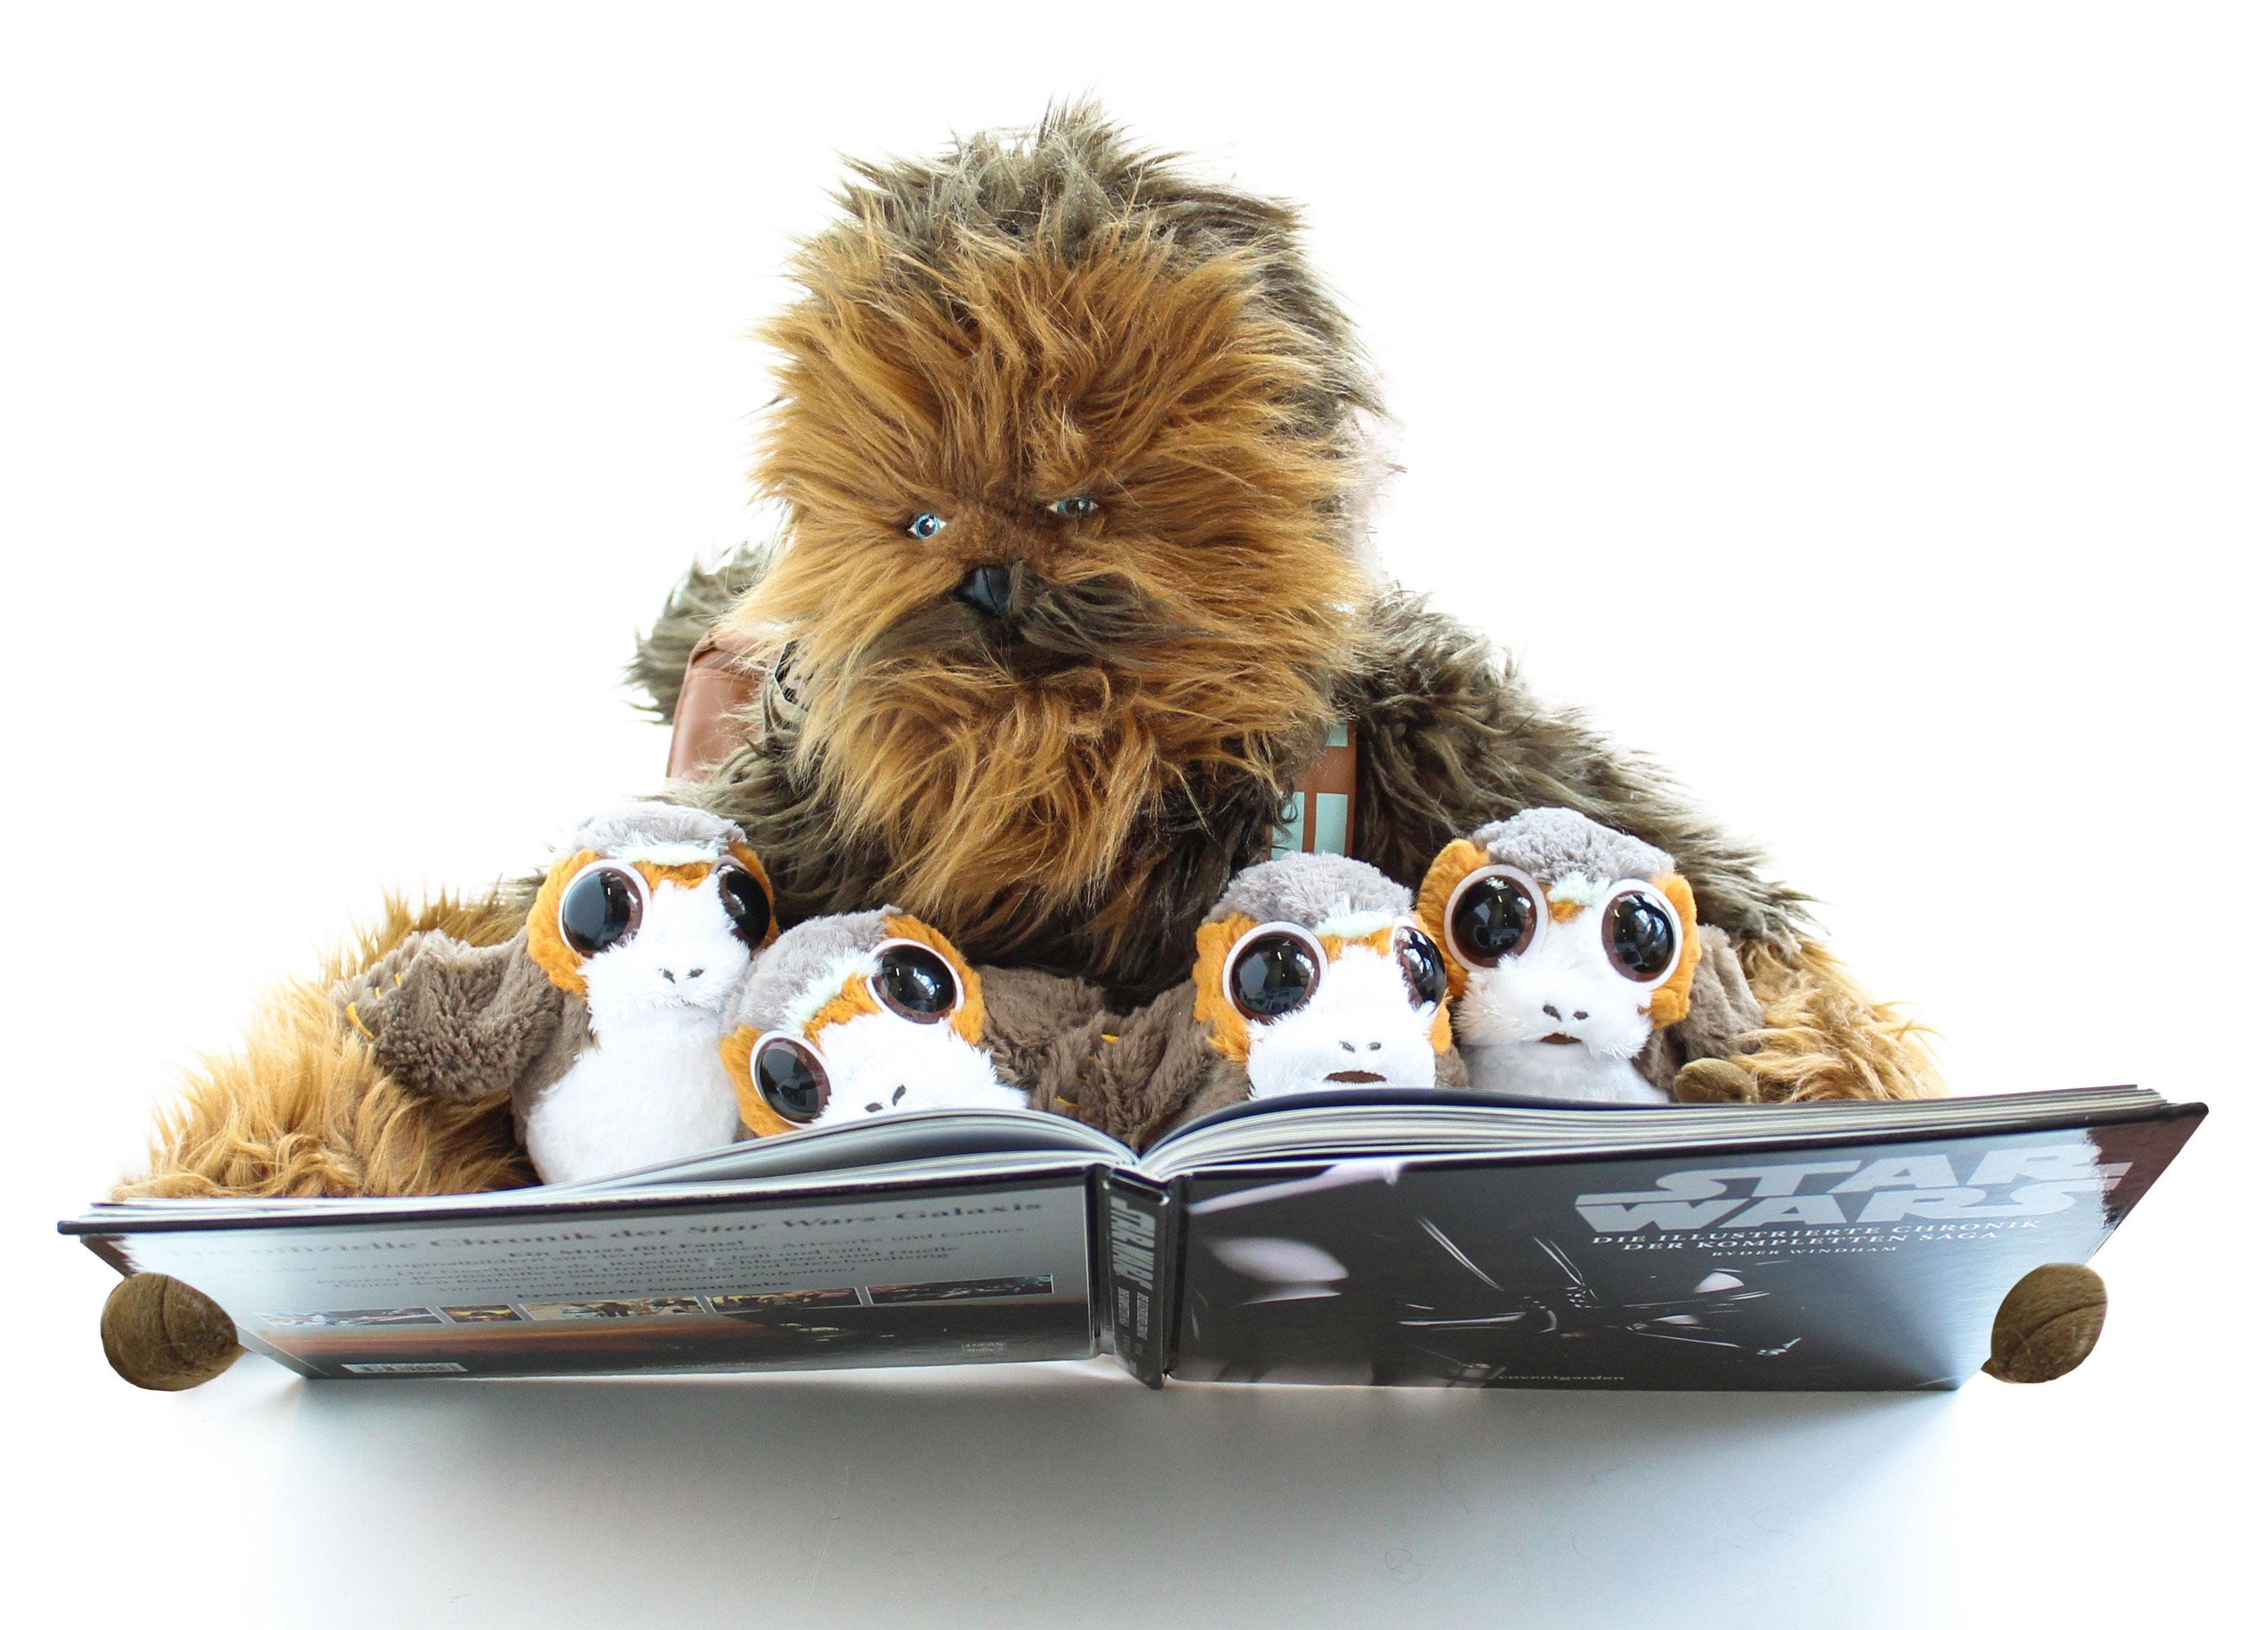 17 cm Porg Star Wars 1700020 Die letzten Jedi